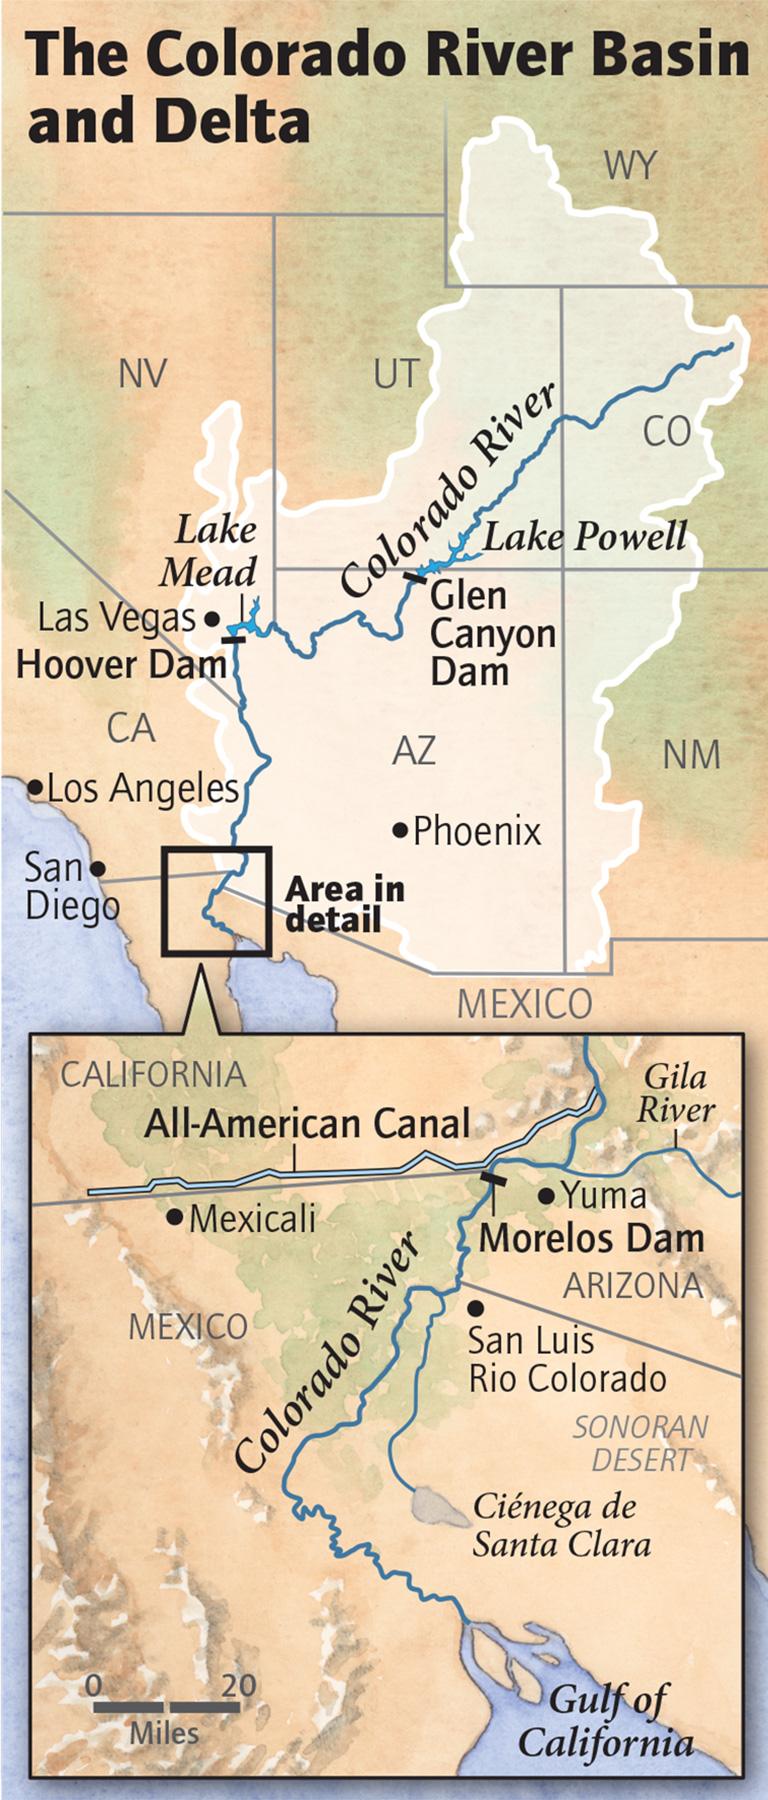 The Colorado River Basin and Delta